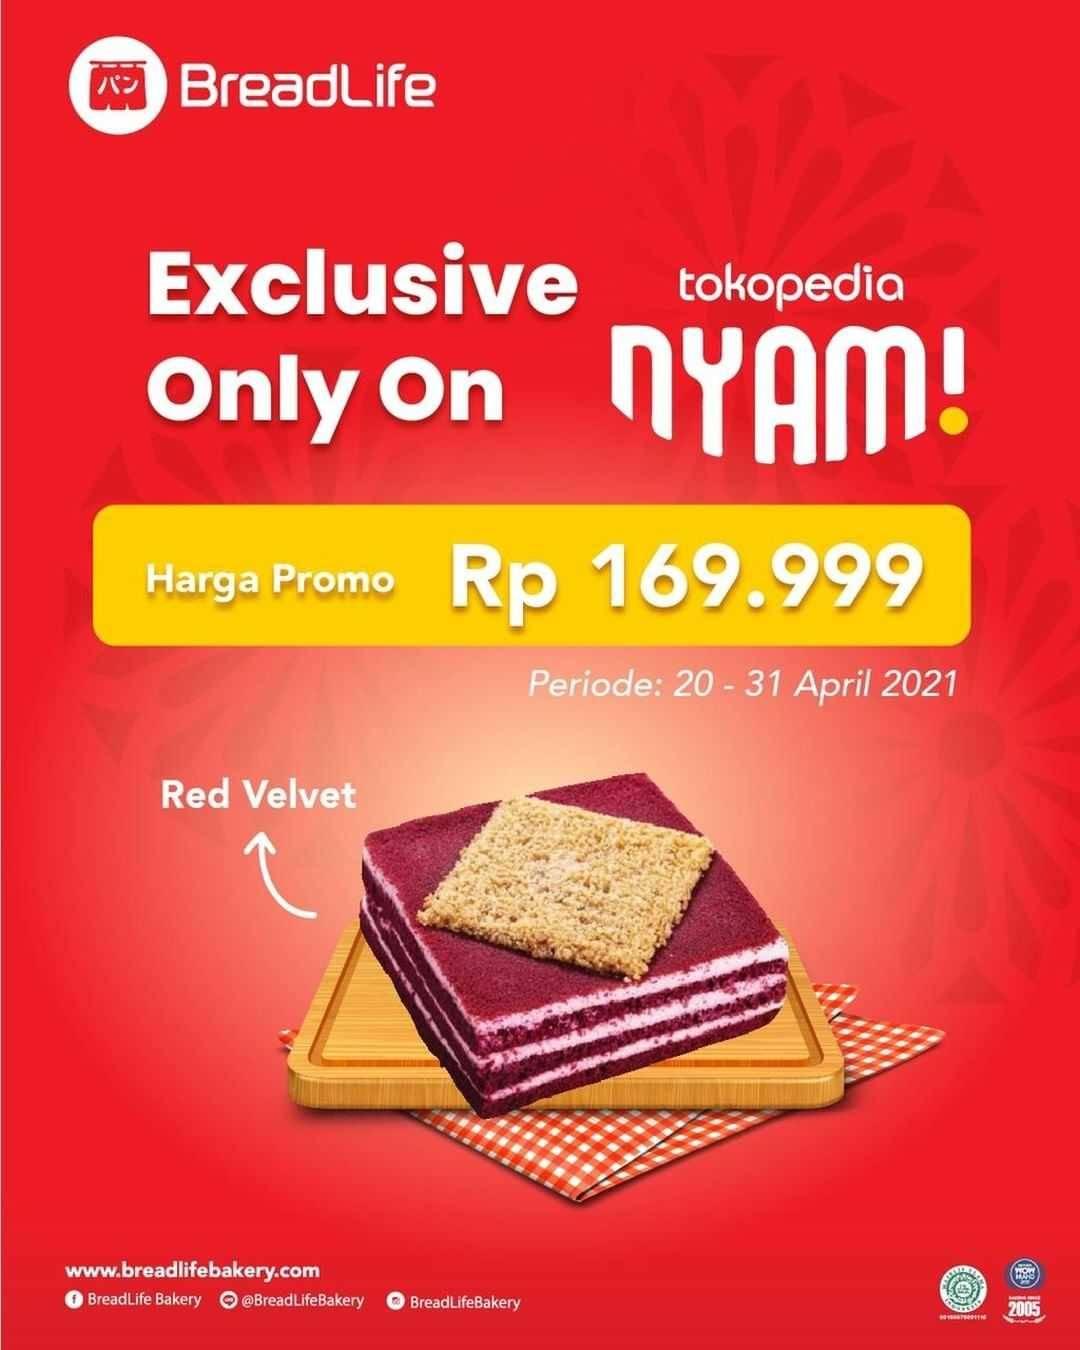 Diskon Breadlife Promo Red Velvet Cake Rp. 169.999 On Tokopedia Nyam